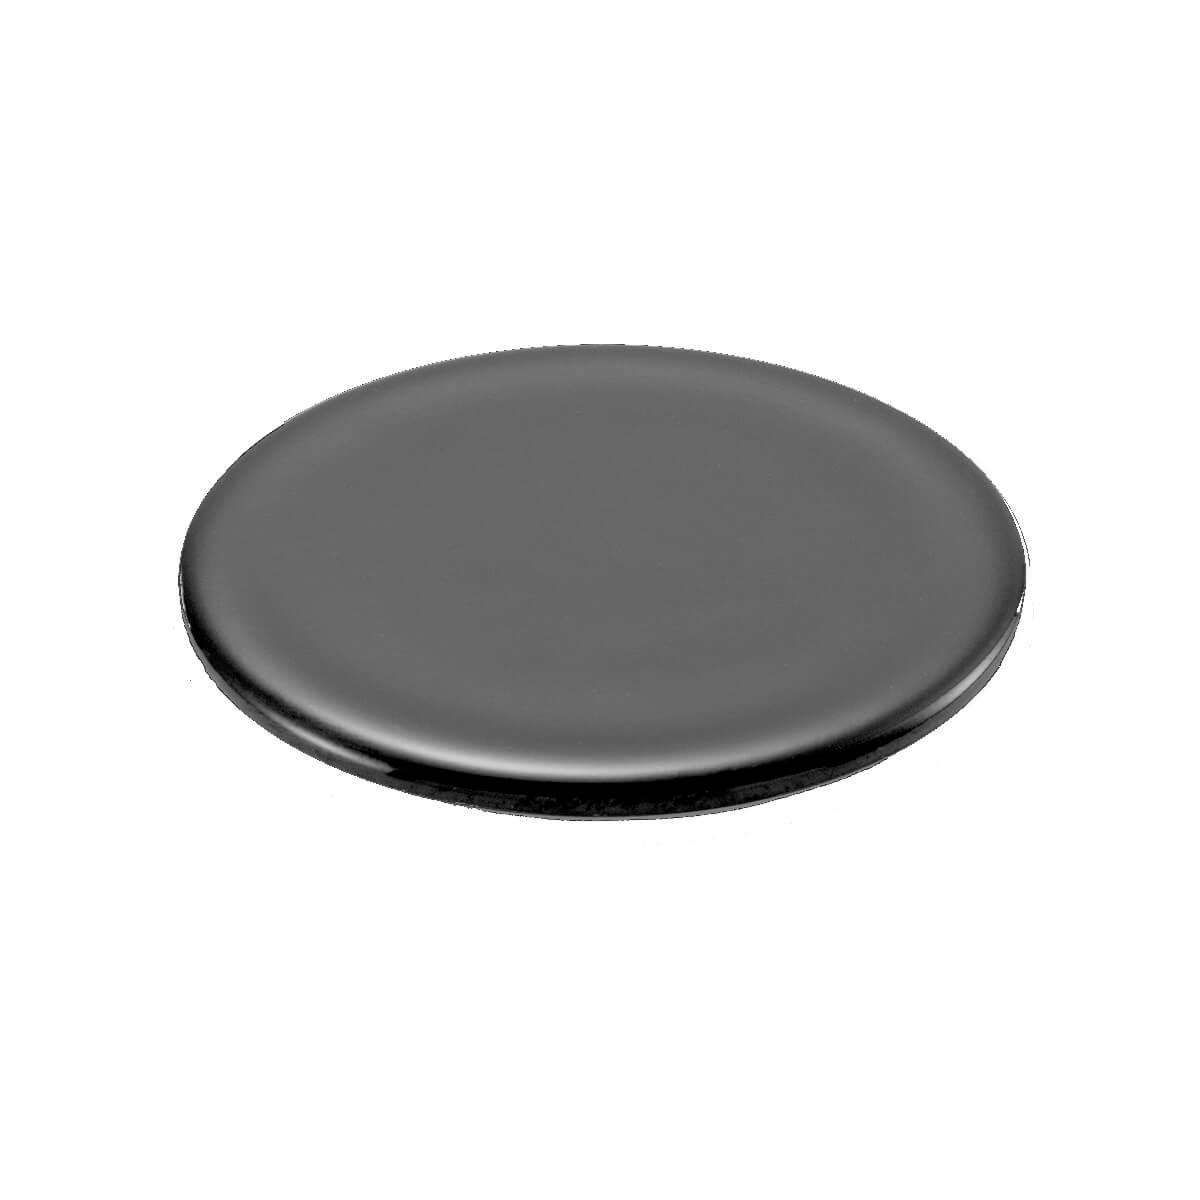 Capa Do Queimador Rápido Para Cooktop Electrolux GX75T - 423225800272